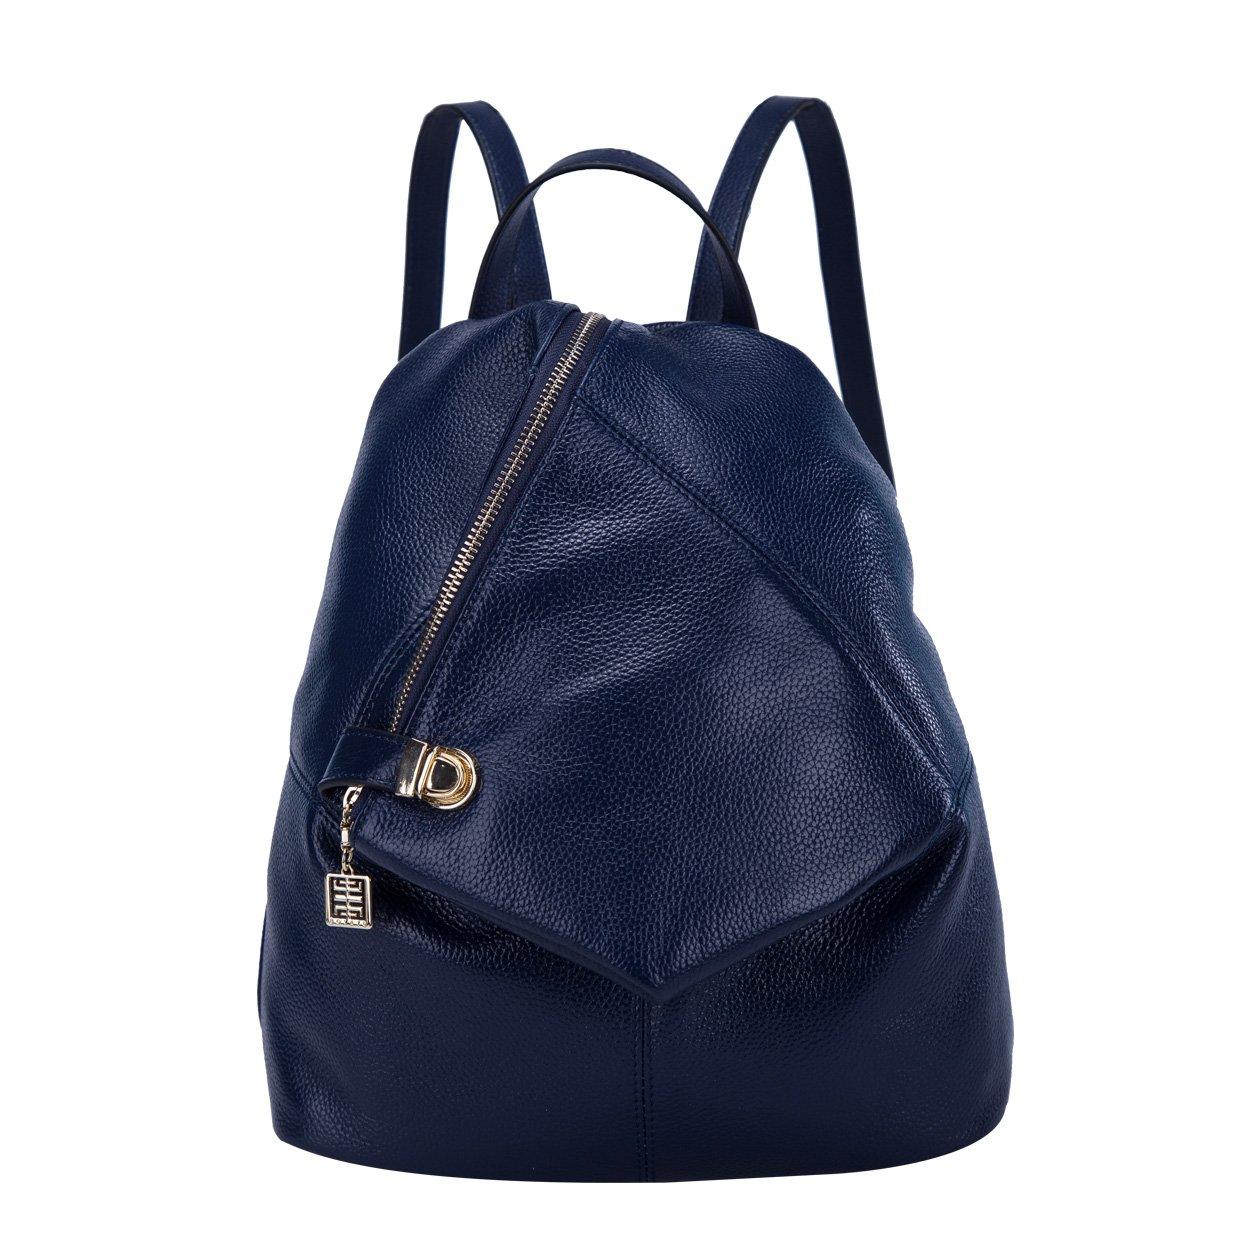 BOYATU Womens Leather Backpacks Ladies Travel Purse Satchel Shoulder School Bags(Royal bule)